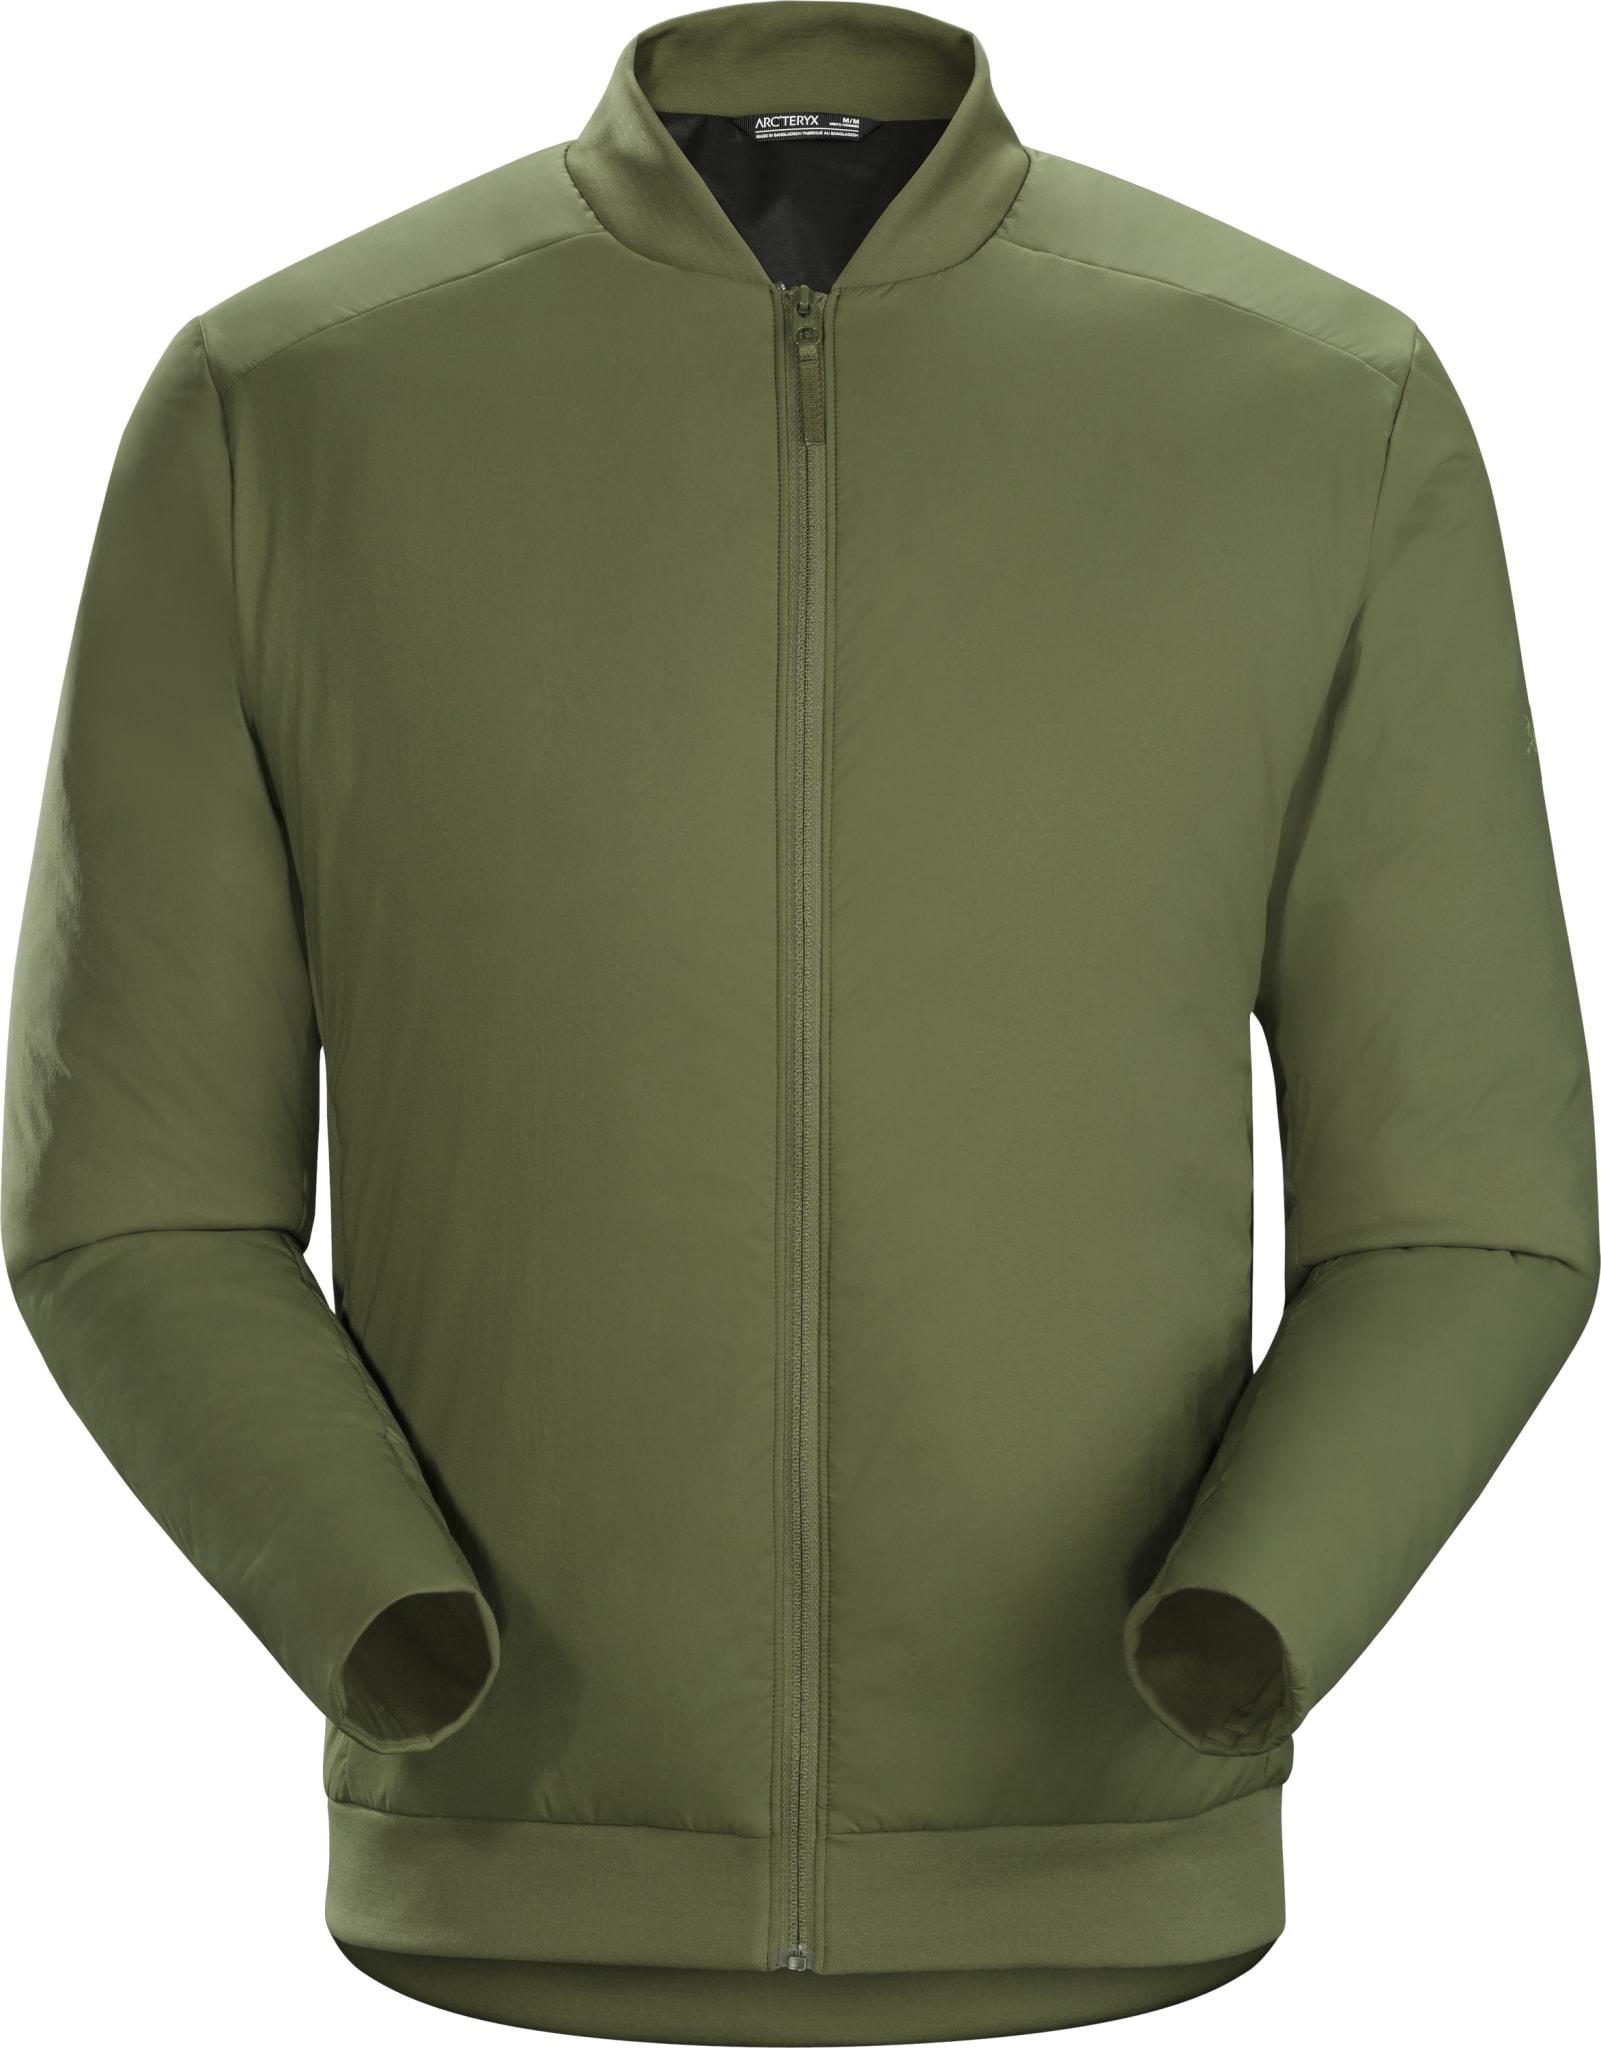 Lett, hverdagslig, syntetisk isolert jakke i pilotstil